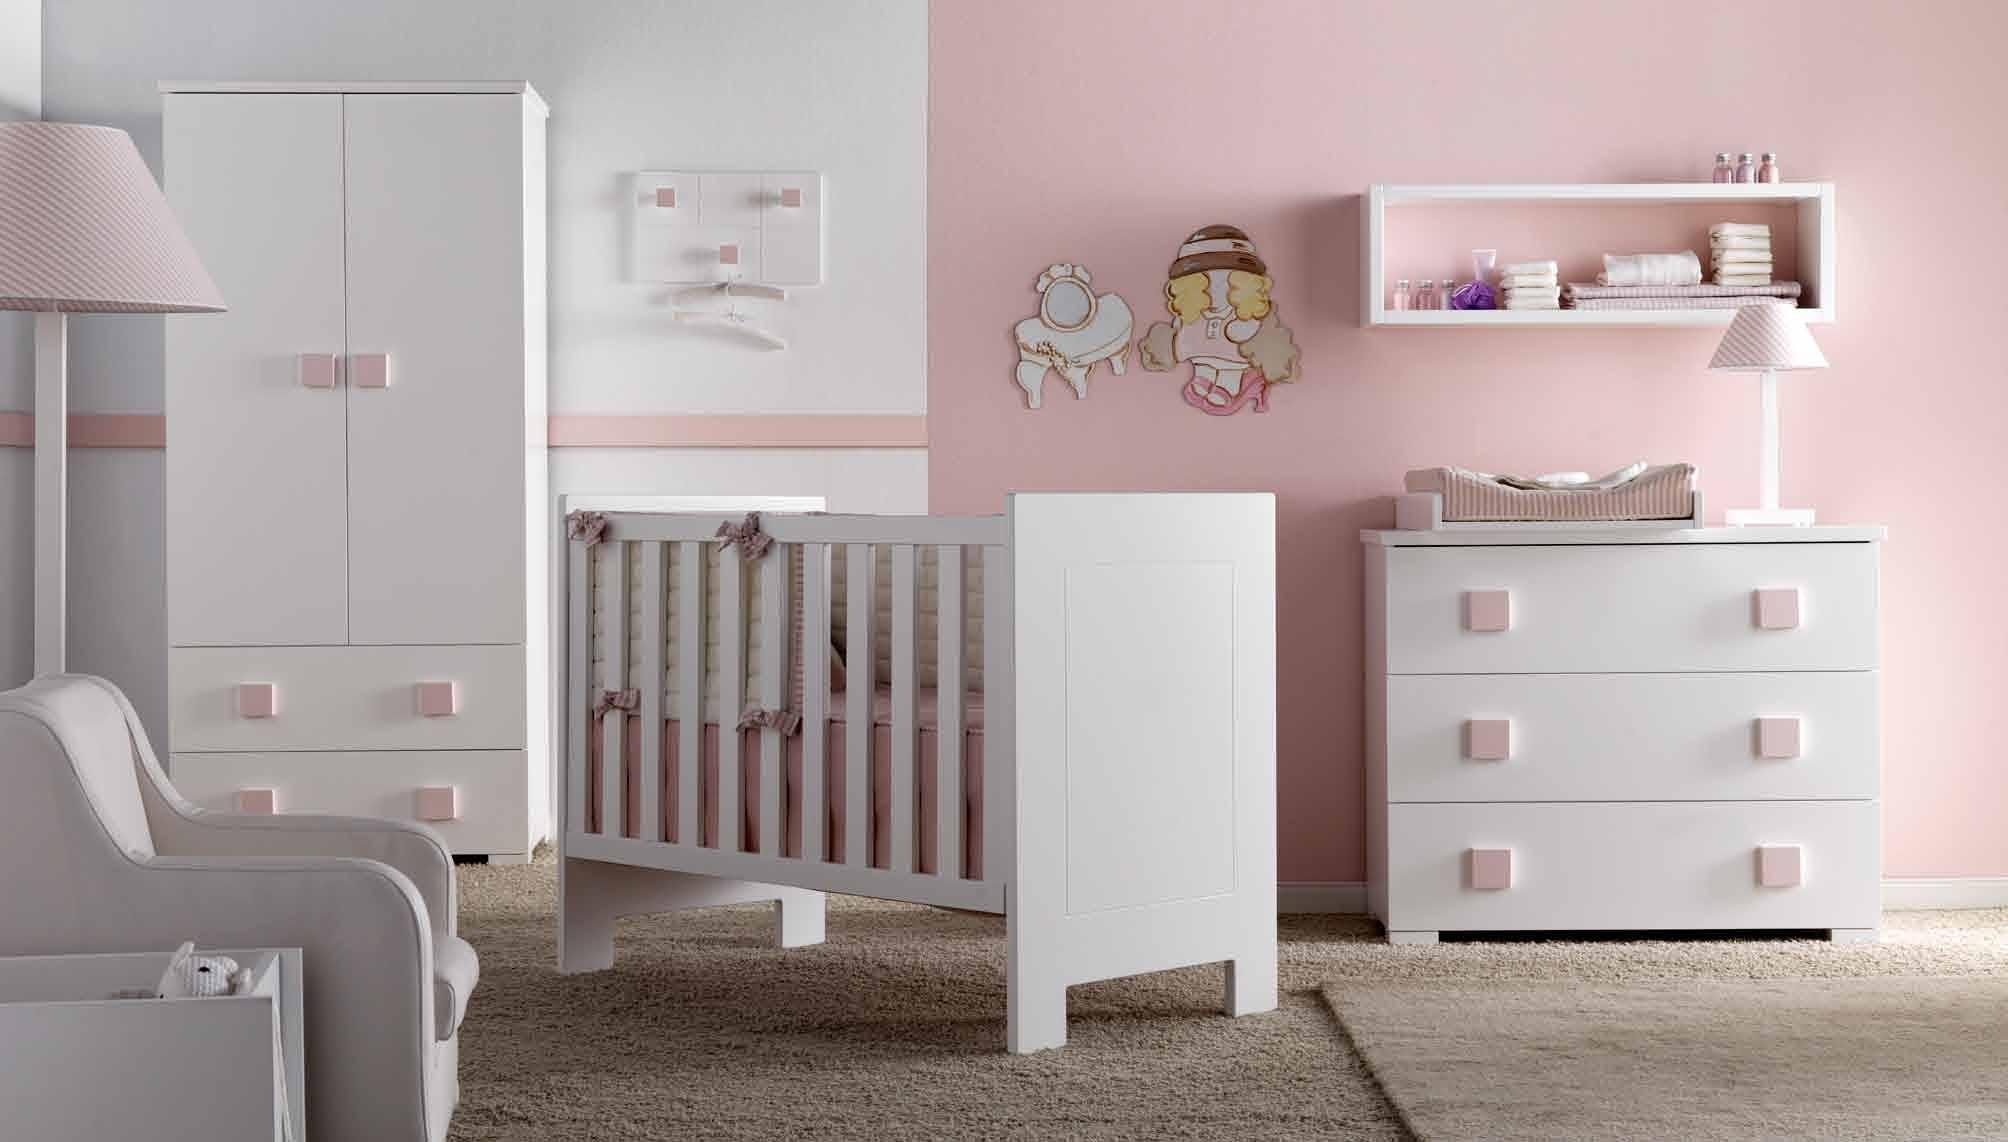 Dulces dormitorios de beb villalba interiorismo - Dormitorio para ninas ...